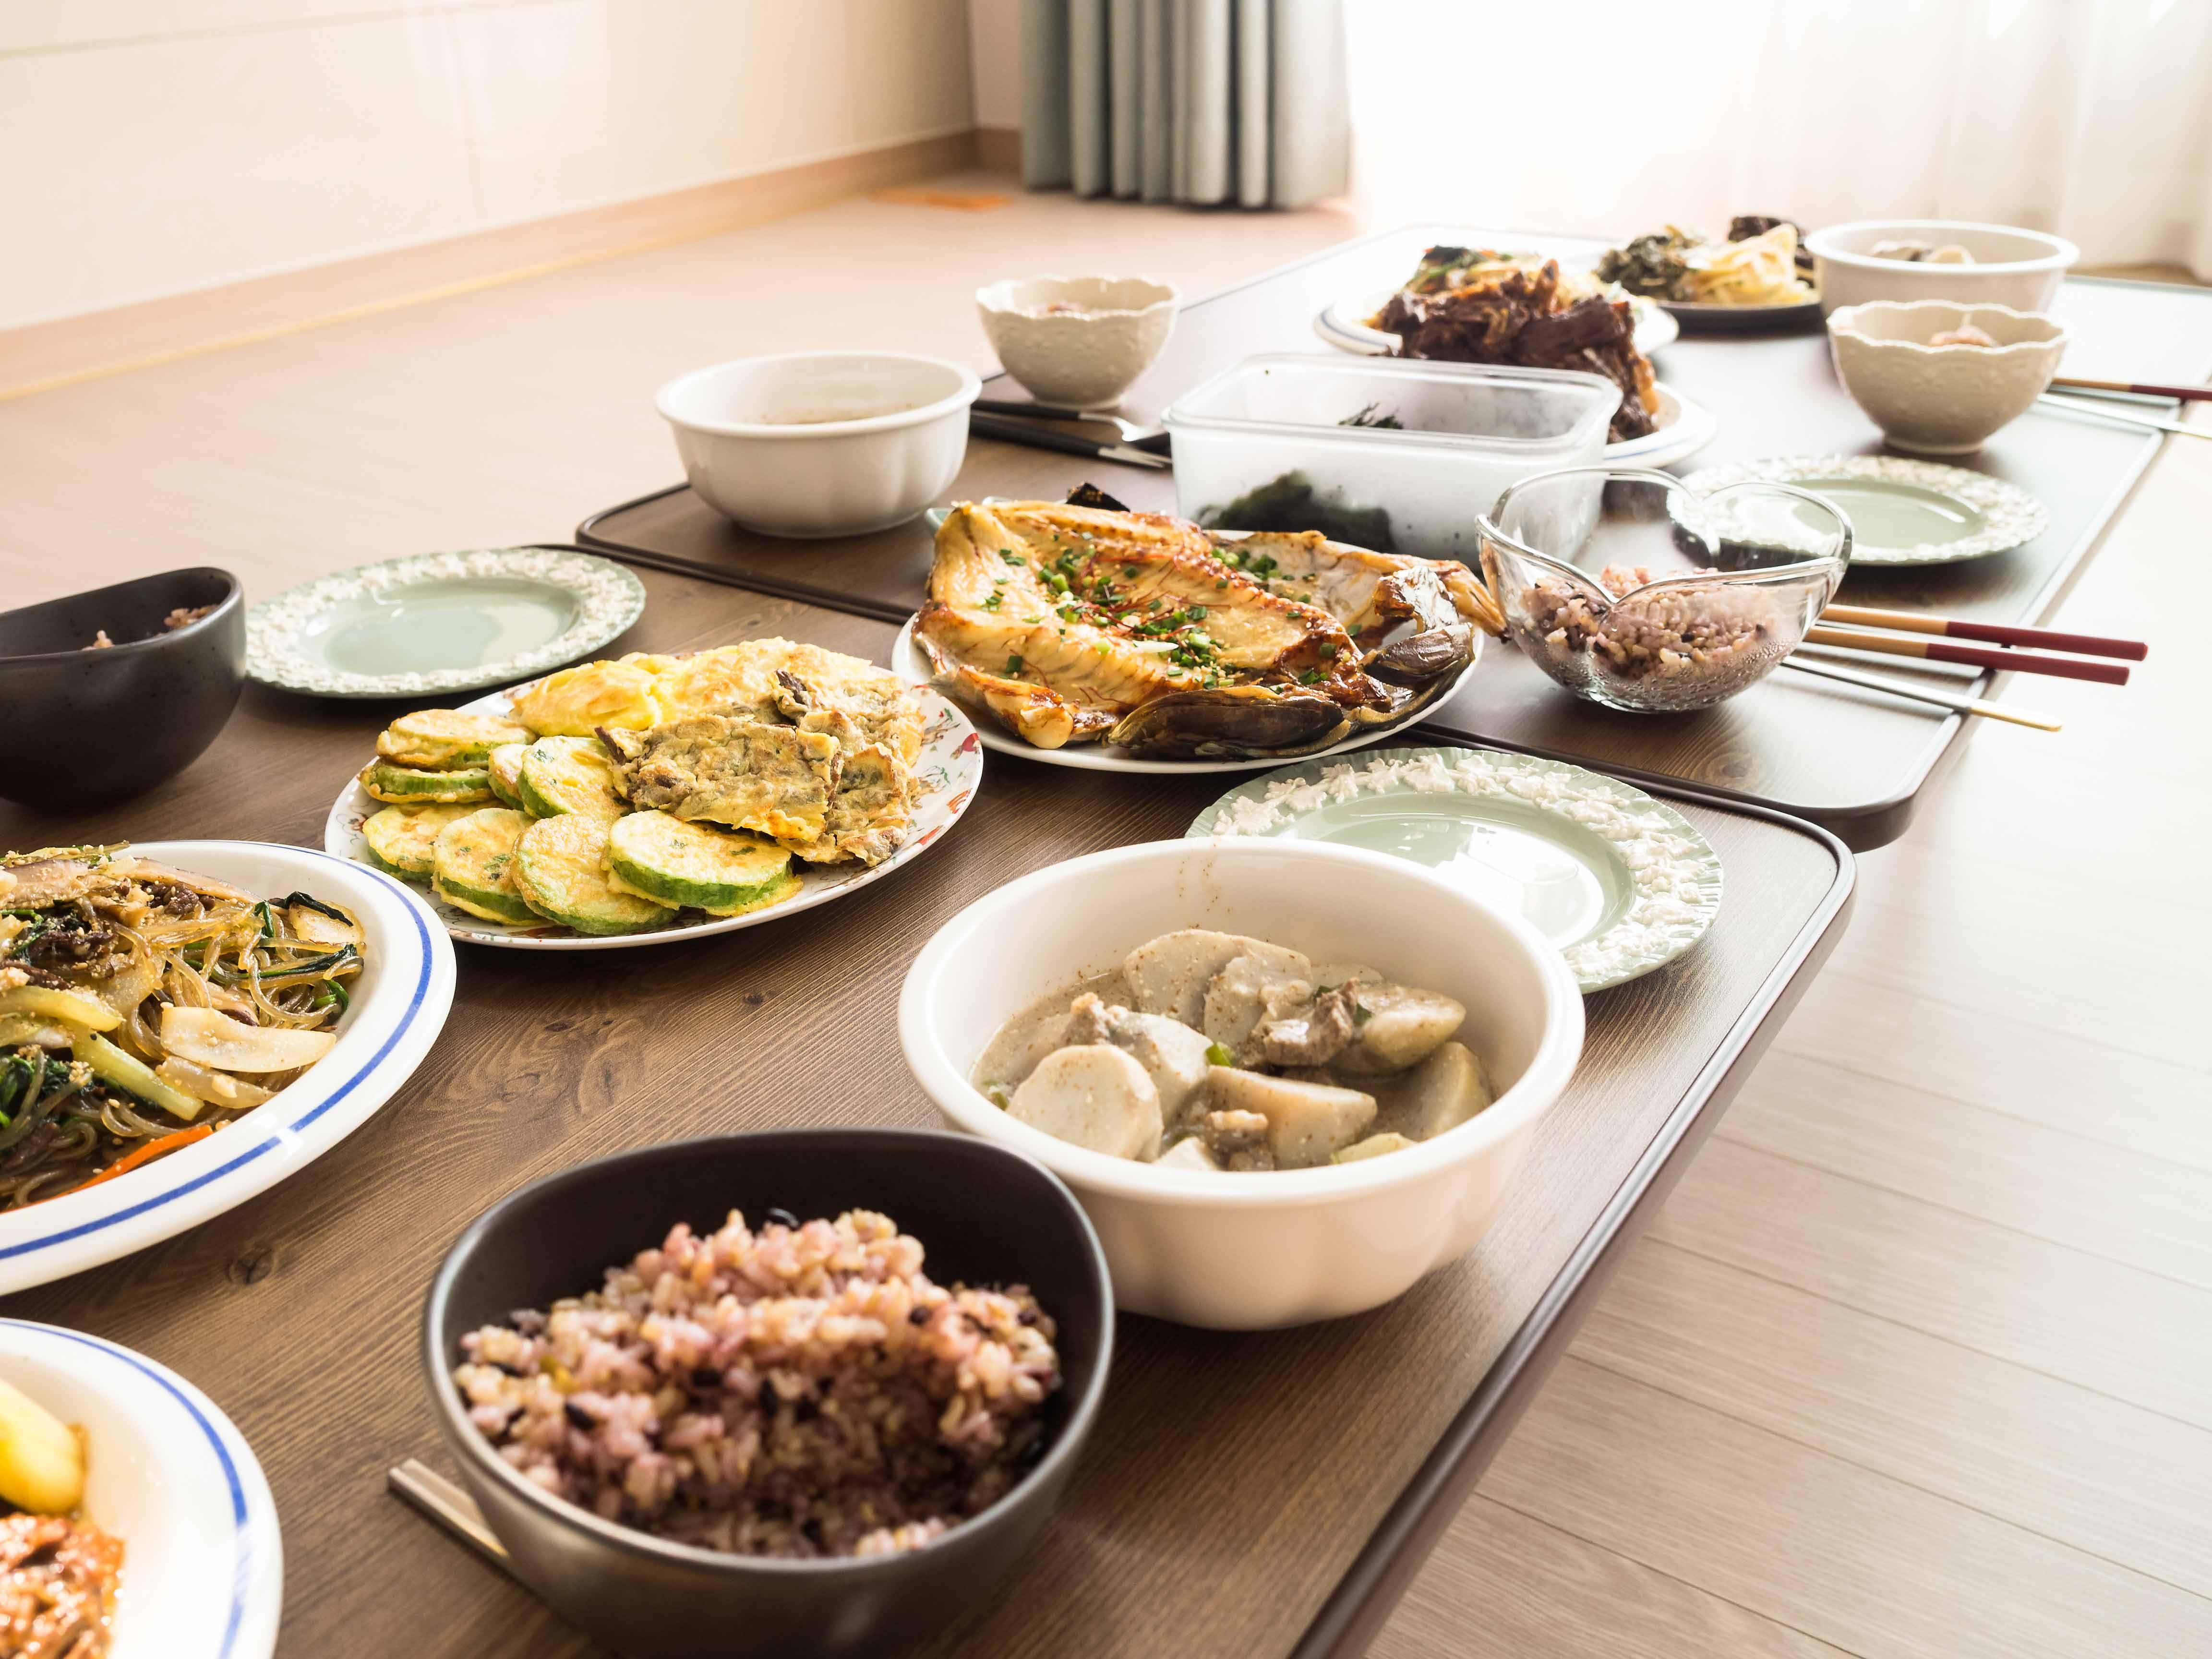 Korean Thanksgiving Festival Food Spread